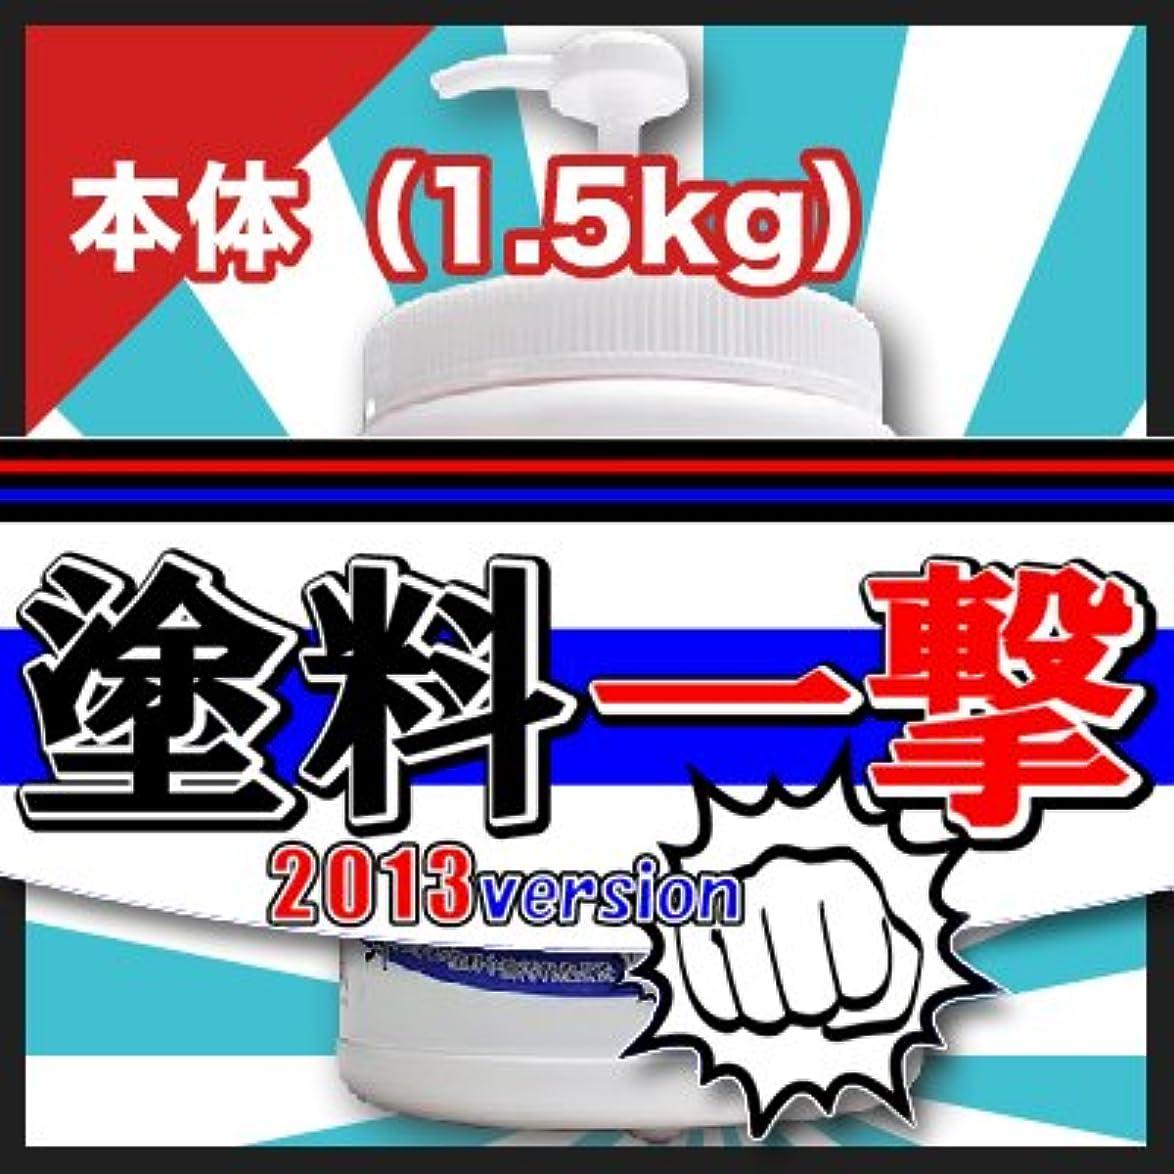 真面目な奨励標高D.Iプランニング 塗料一撃 2013 Version 本体 (1.5kg)